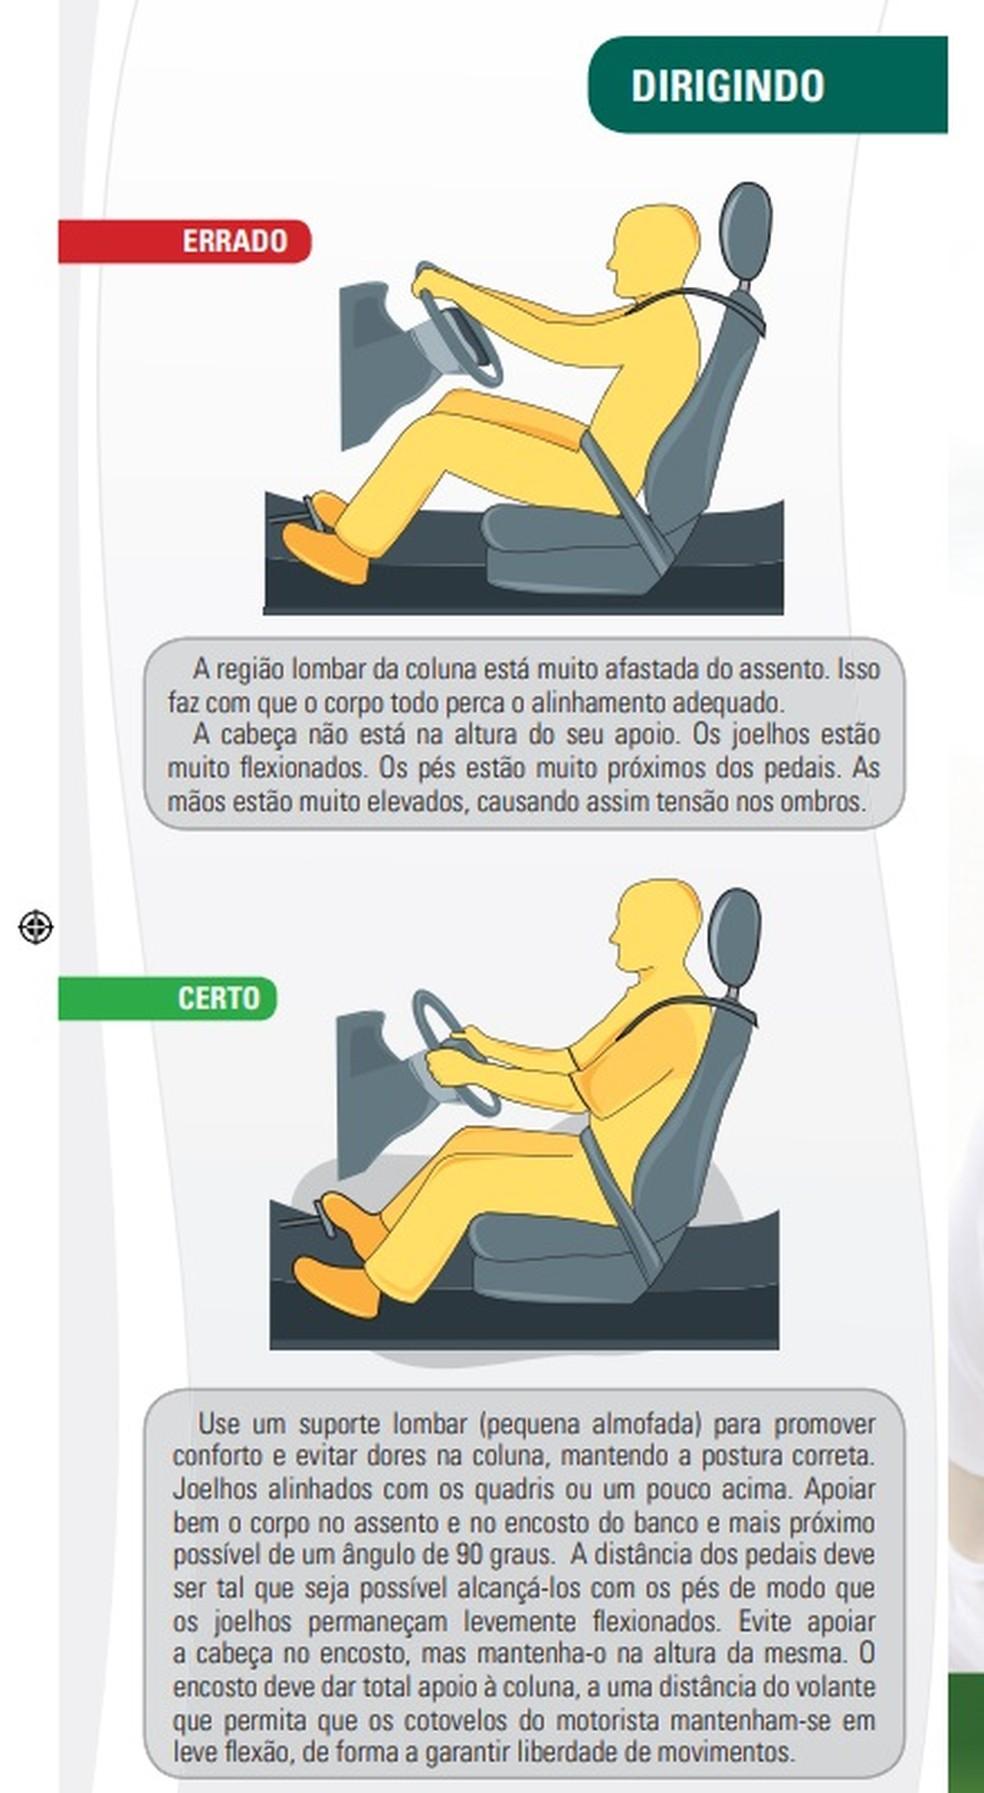 Postura correta ao dirigir também ajuda a evitar dores na coluna. — Foto: ITC Vertebral Chácara Cachoeira/Reprodução